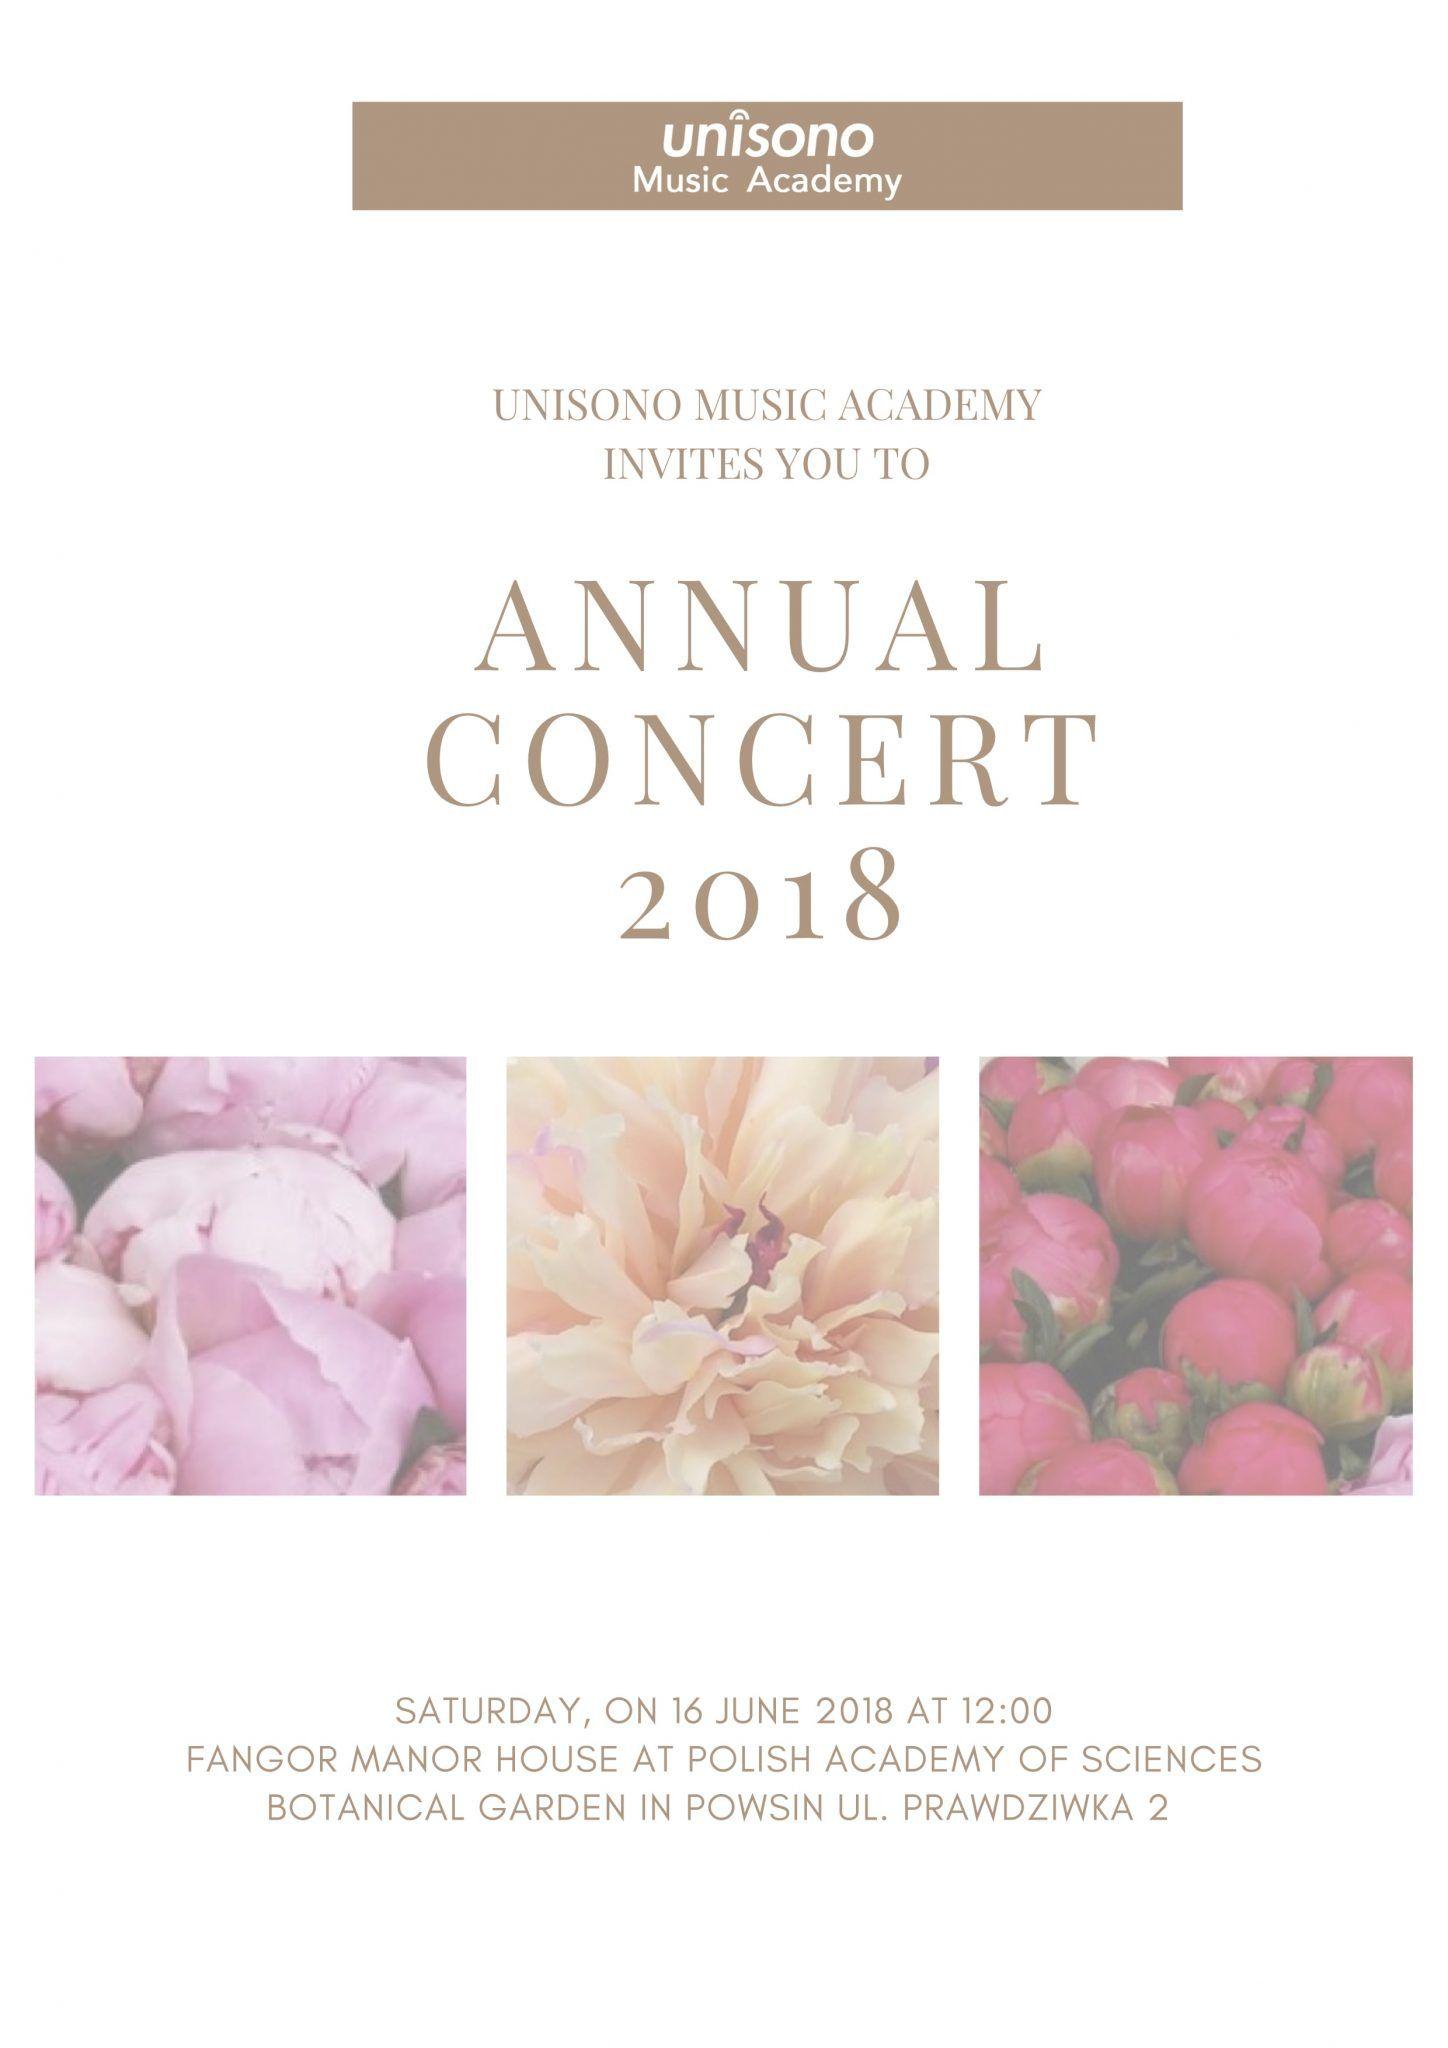 Annual Concert 2018 Invitation